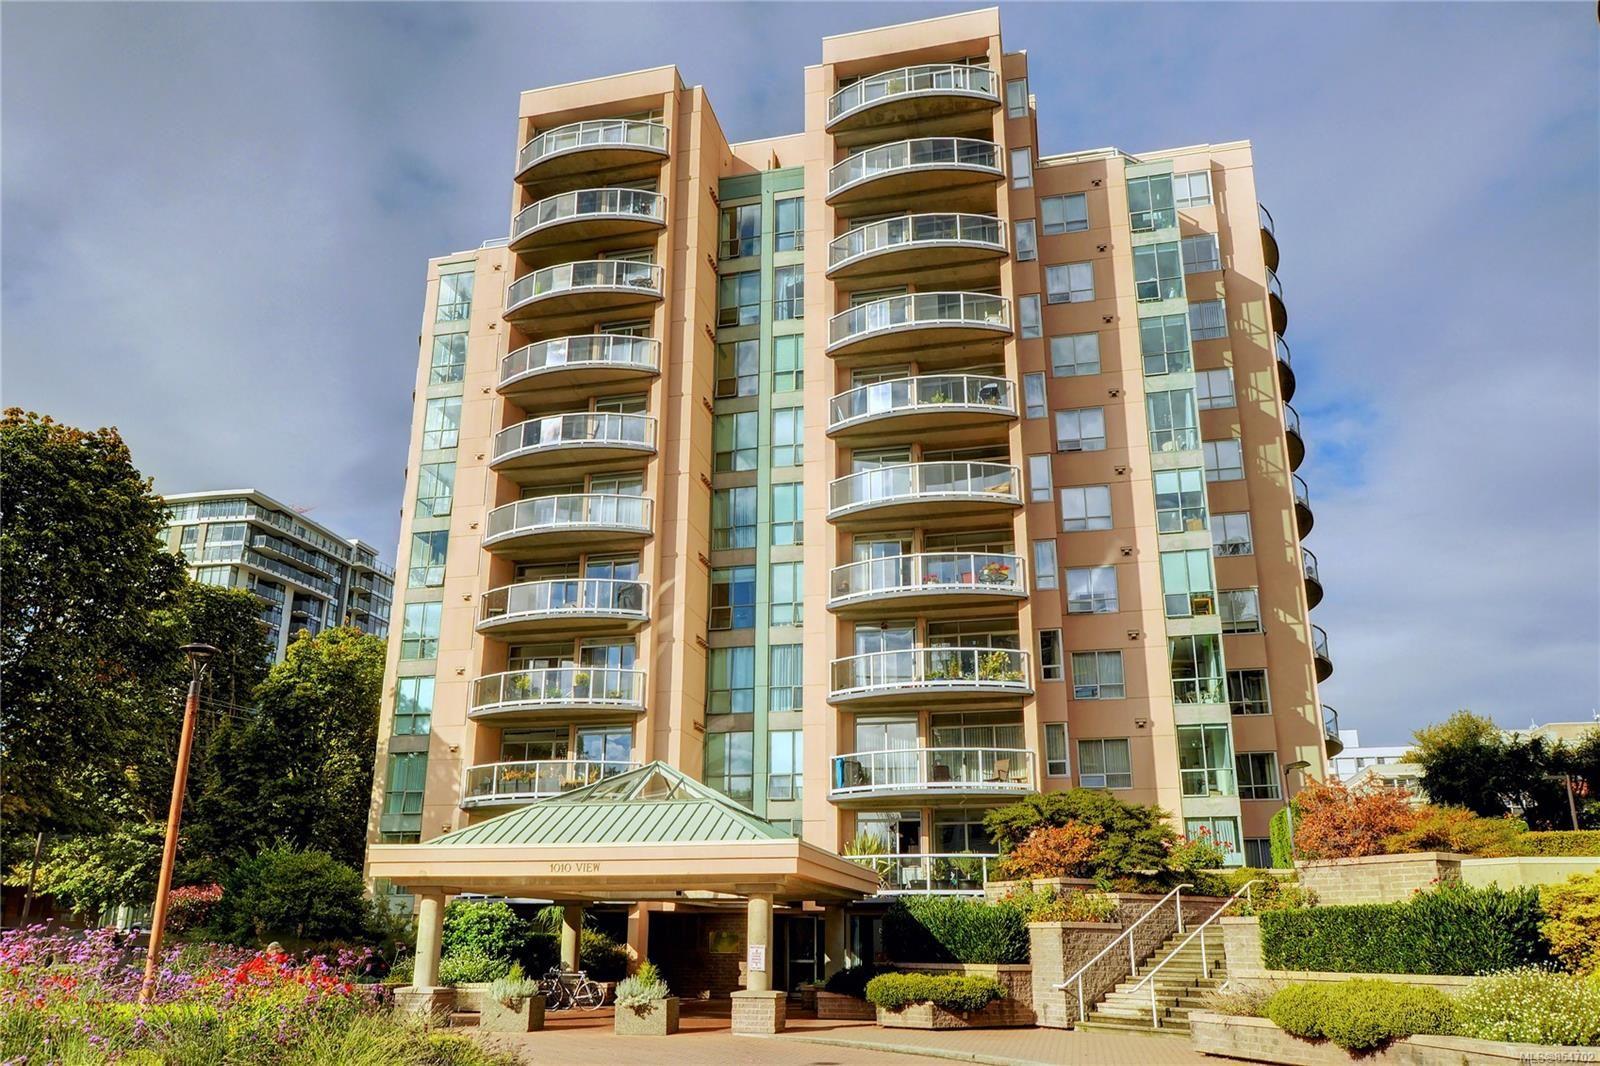 Main Photo: 408 1010 View St in Victoria: Vi Downtown Condo for sale : MLS®# 854702